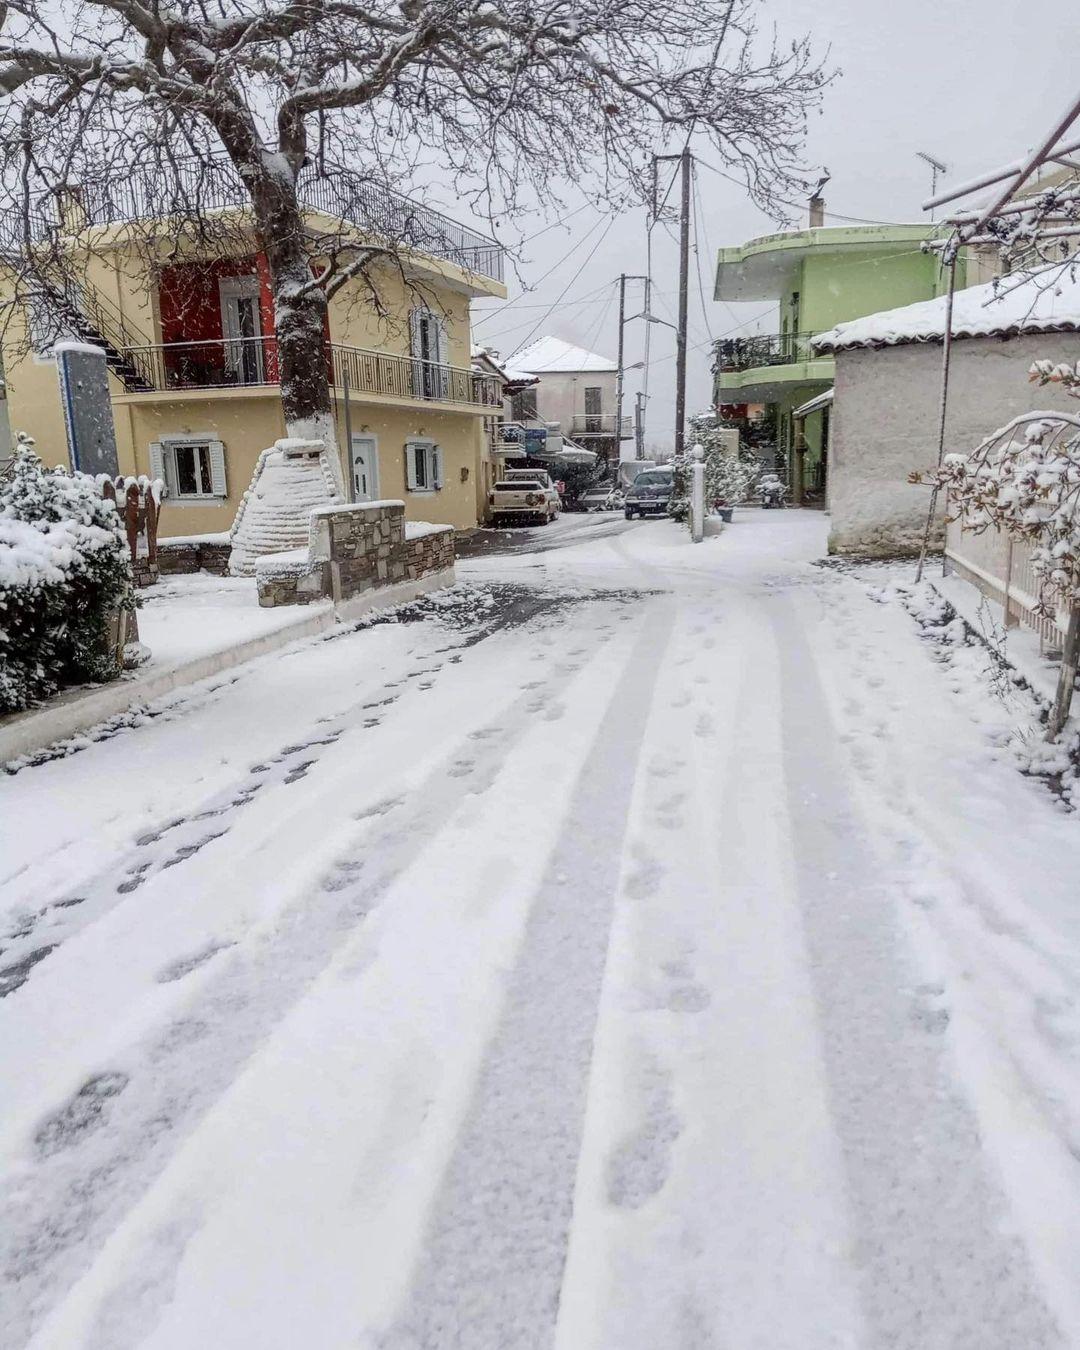 Δήμος Αρχαίας Ολυμπίας: Επιτυχής η διαχείριση της χιονόπτωσης στις ορεινές περιοχές από το Δήμο- Κλειστά αύριο Τρίτη τα σχολεία σε Δίβρη – Πανόπουλο